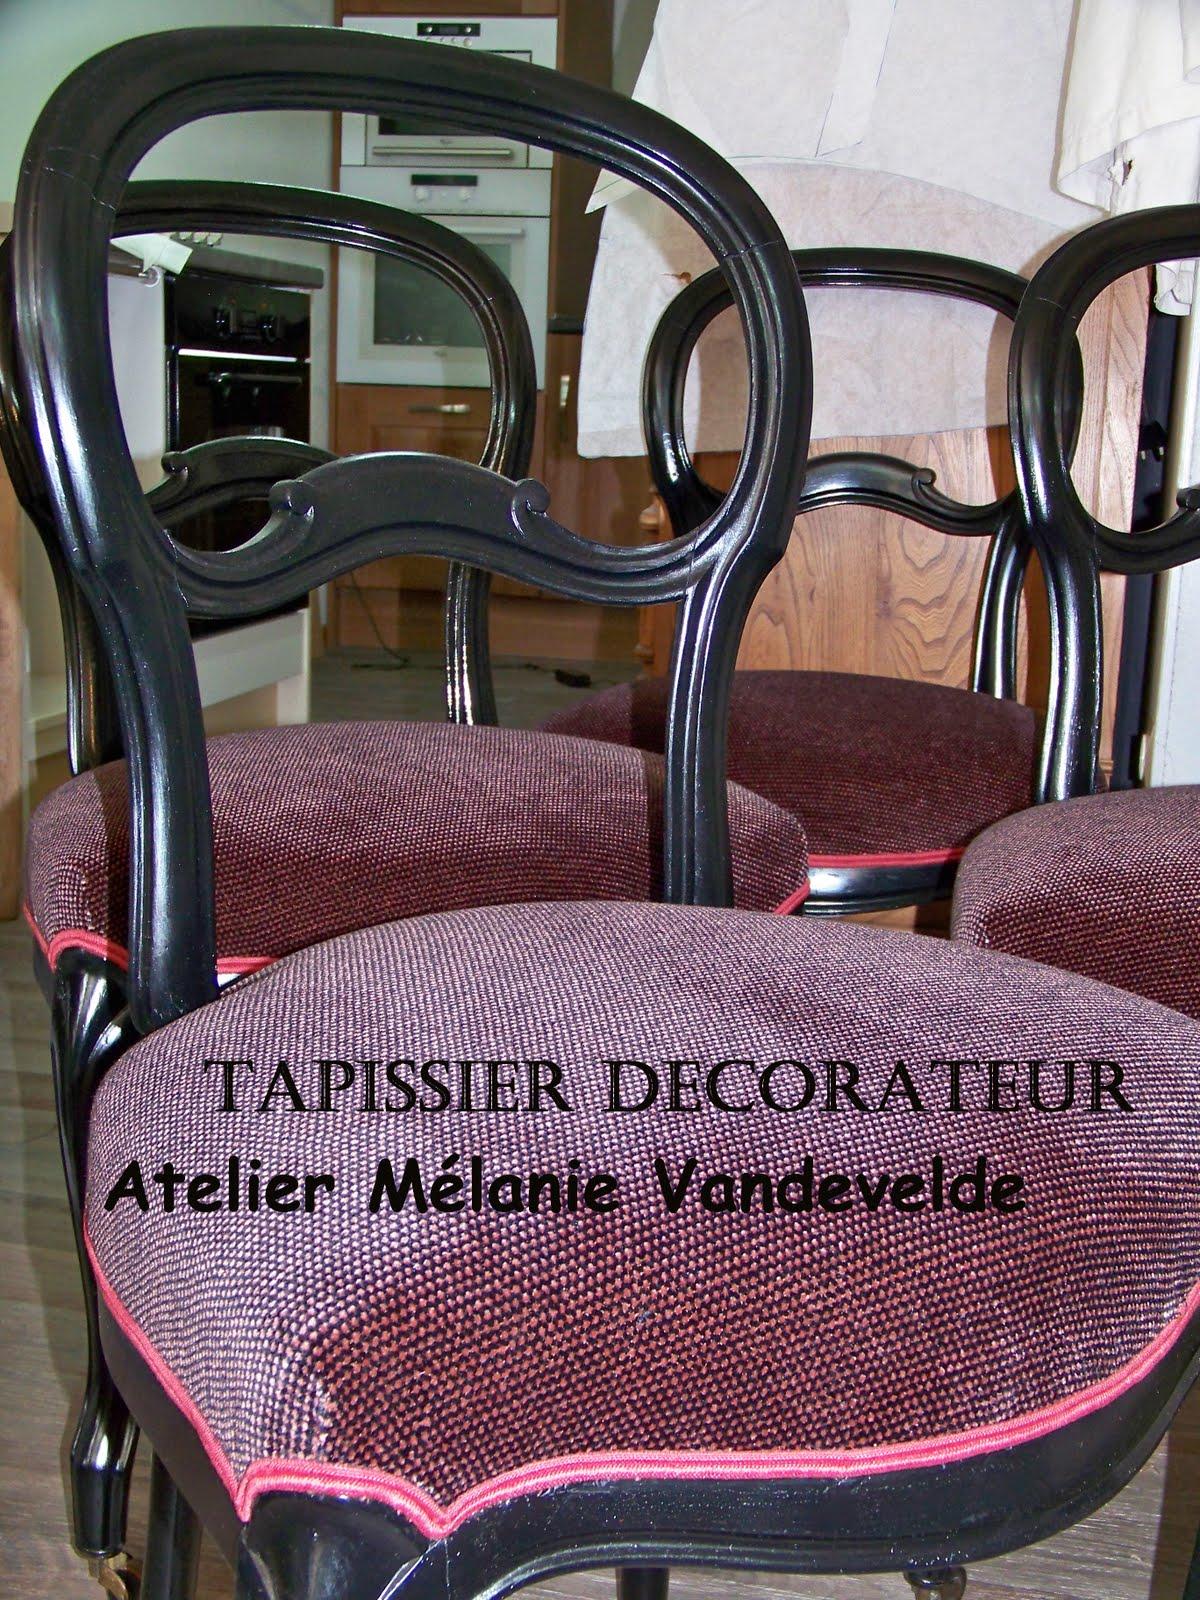 tapissier decorateur chaises louis phillipe. Black Bedroom Furniture Sets. Home Design Ideas